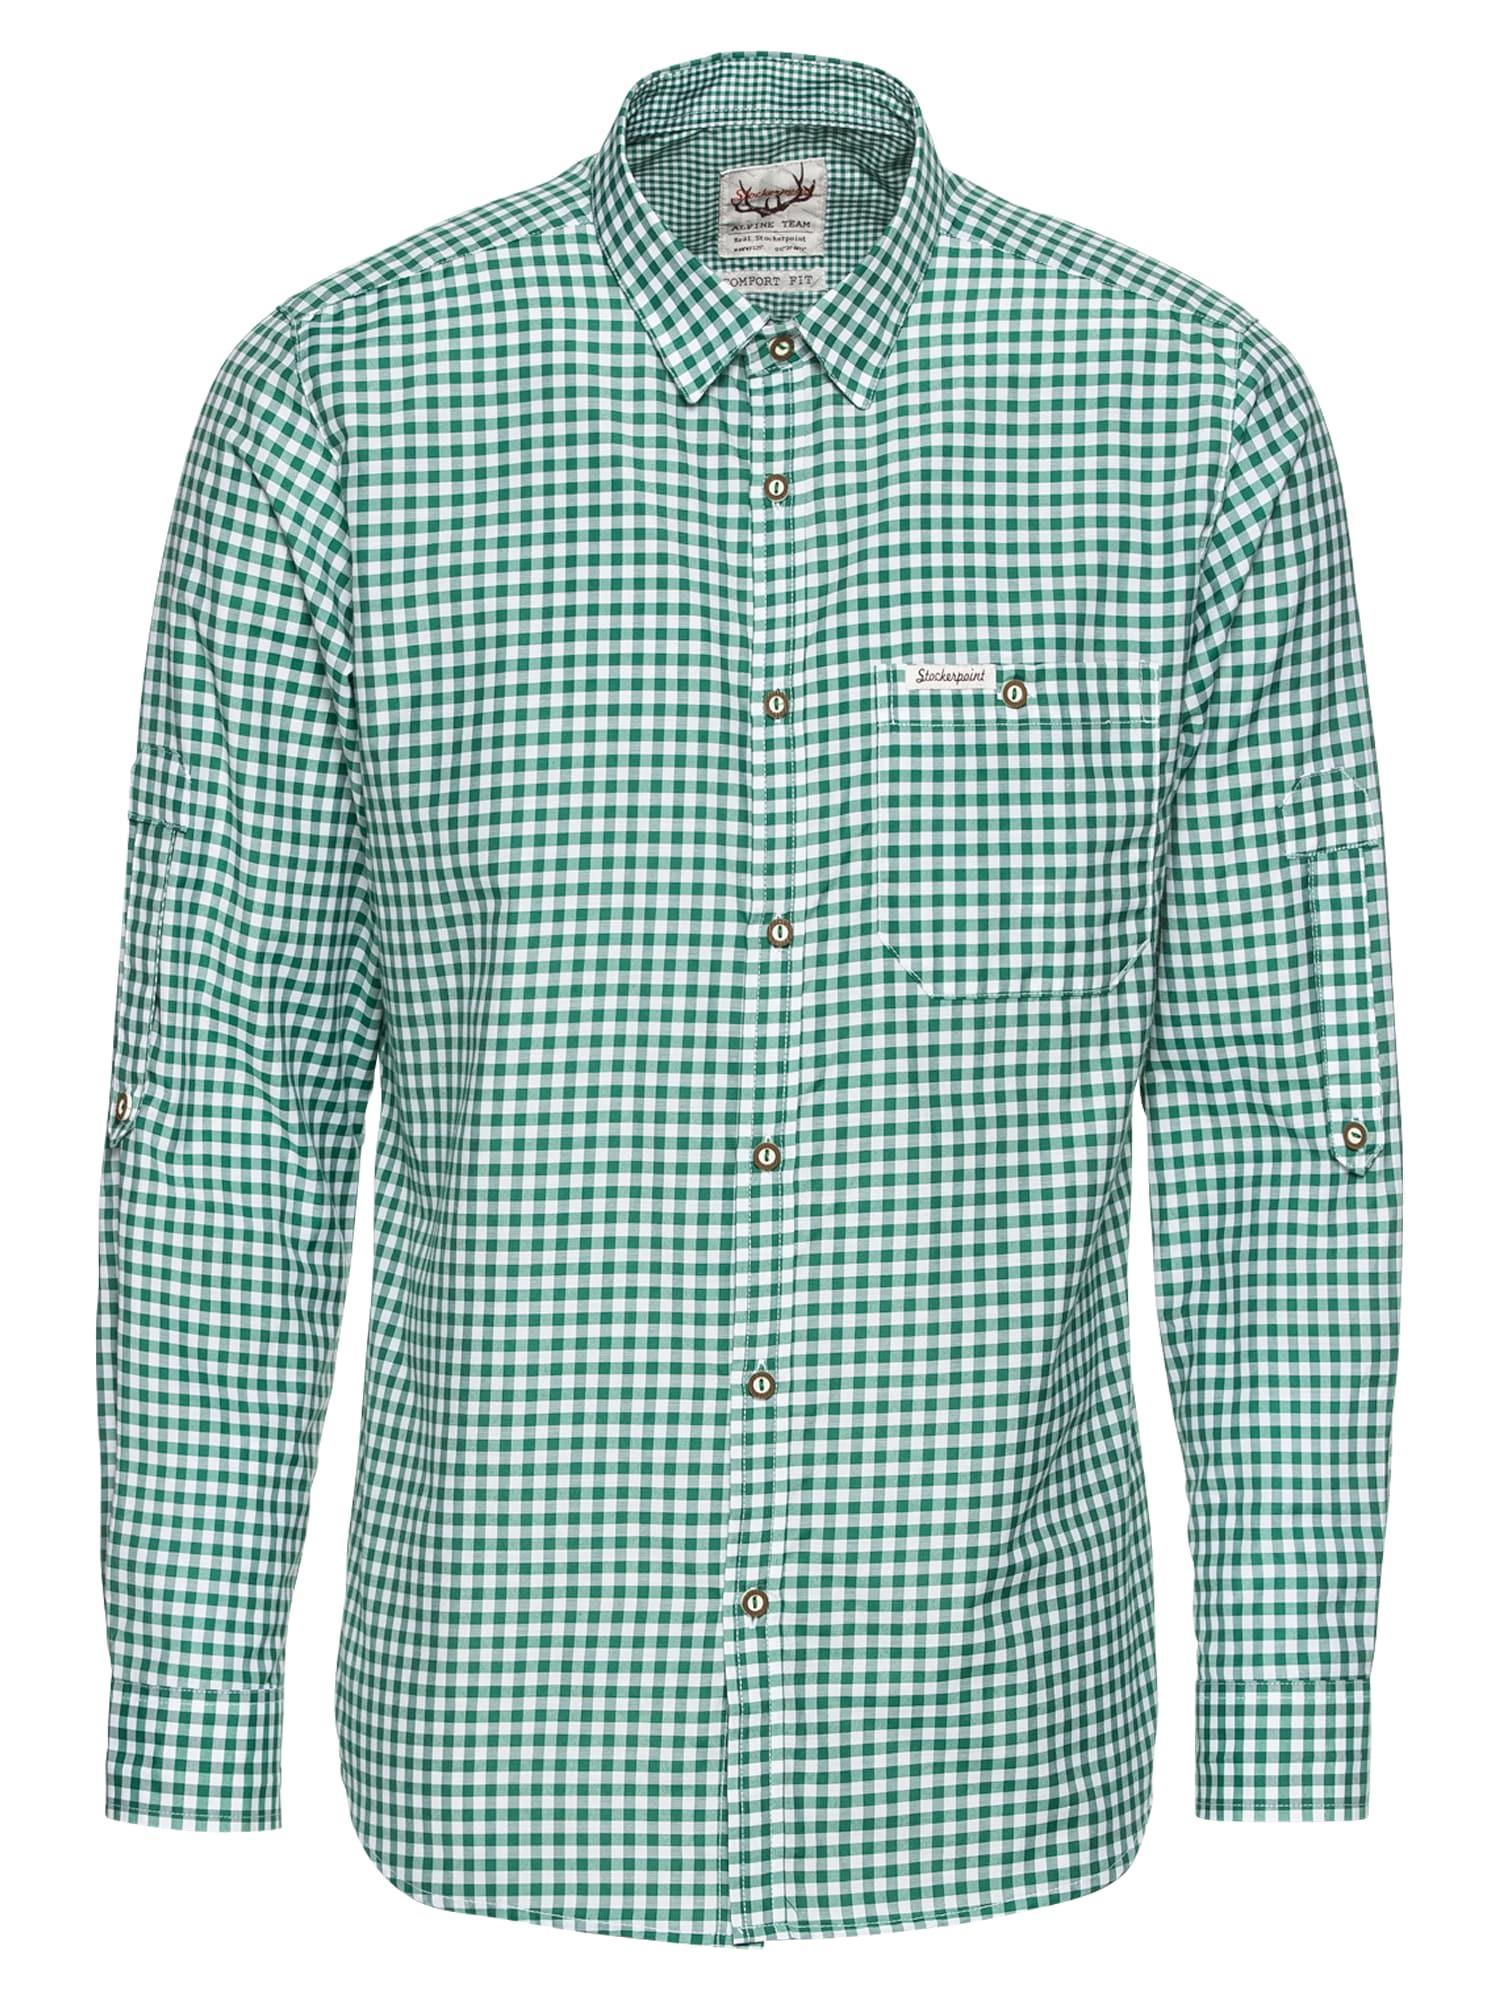 Krojová košile Campos3 tmavě zelená bílá STOCKERPOINT